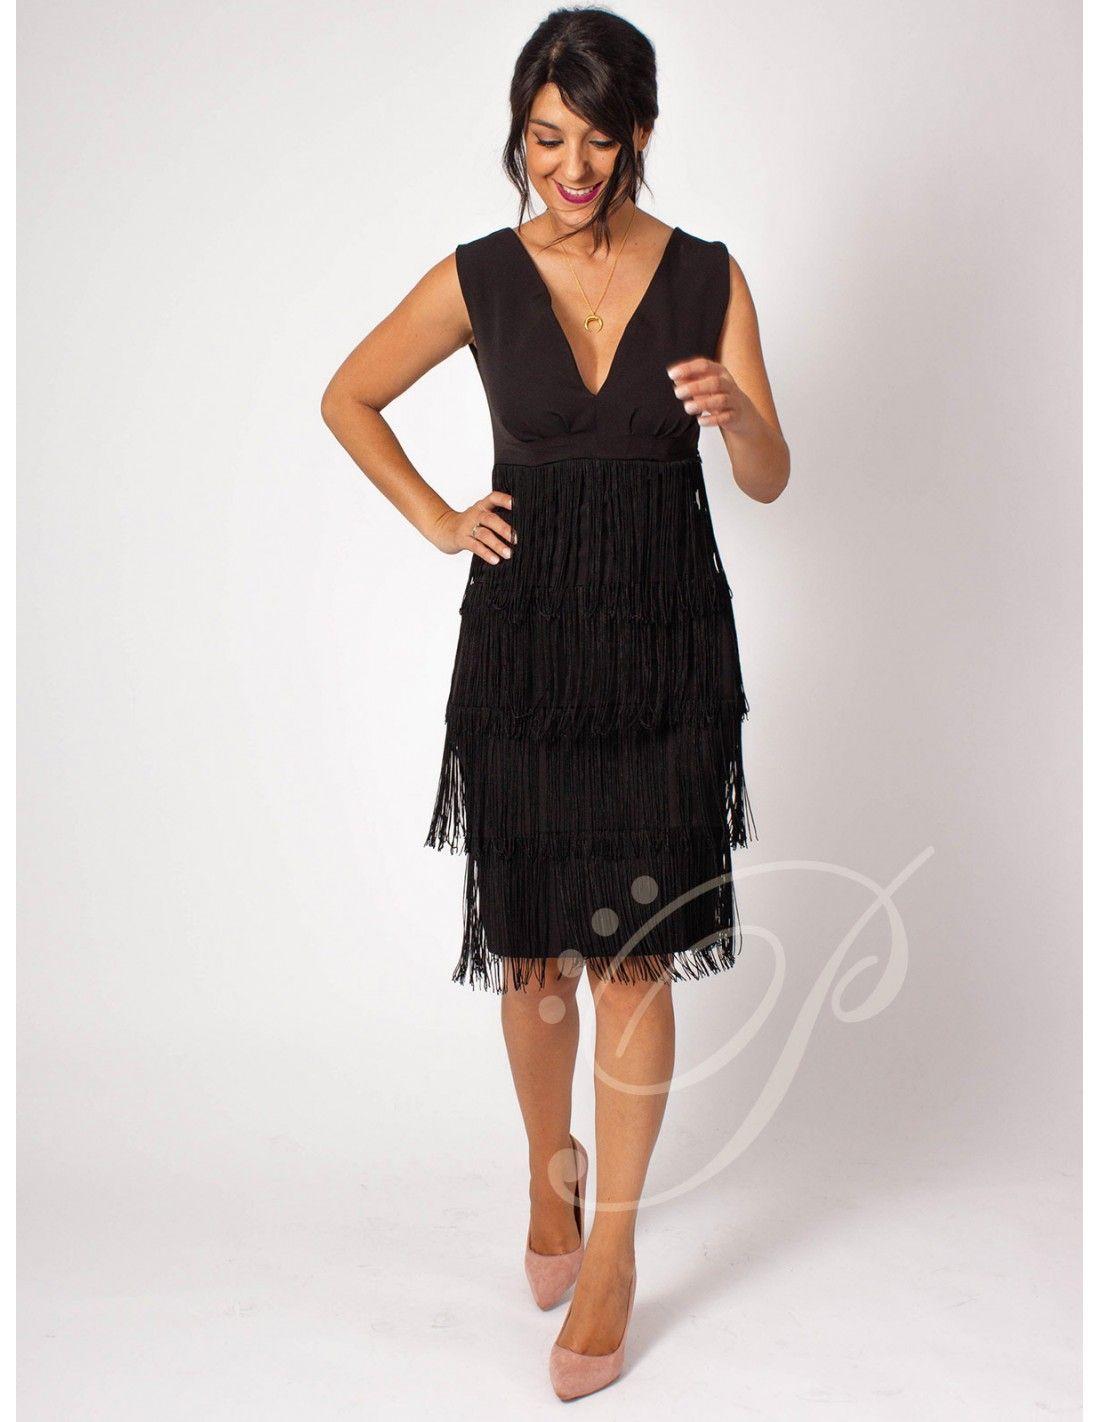 2e896b892 Vestido Sintra - Vestido de corte midi en color negro. Escote en pico.  Detalle